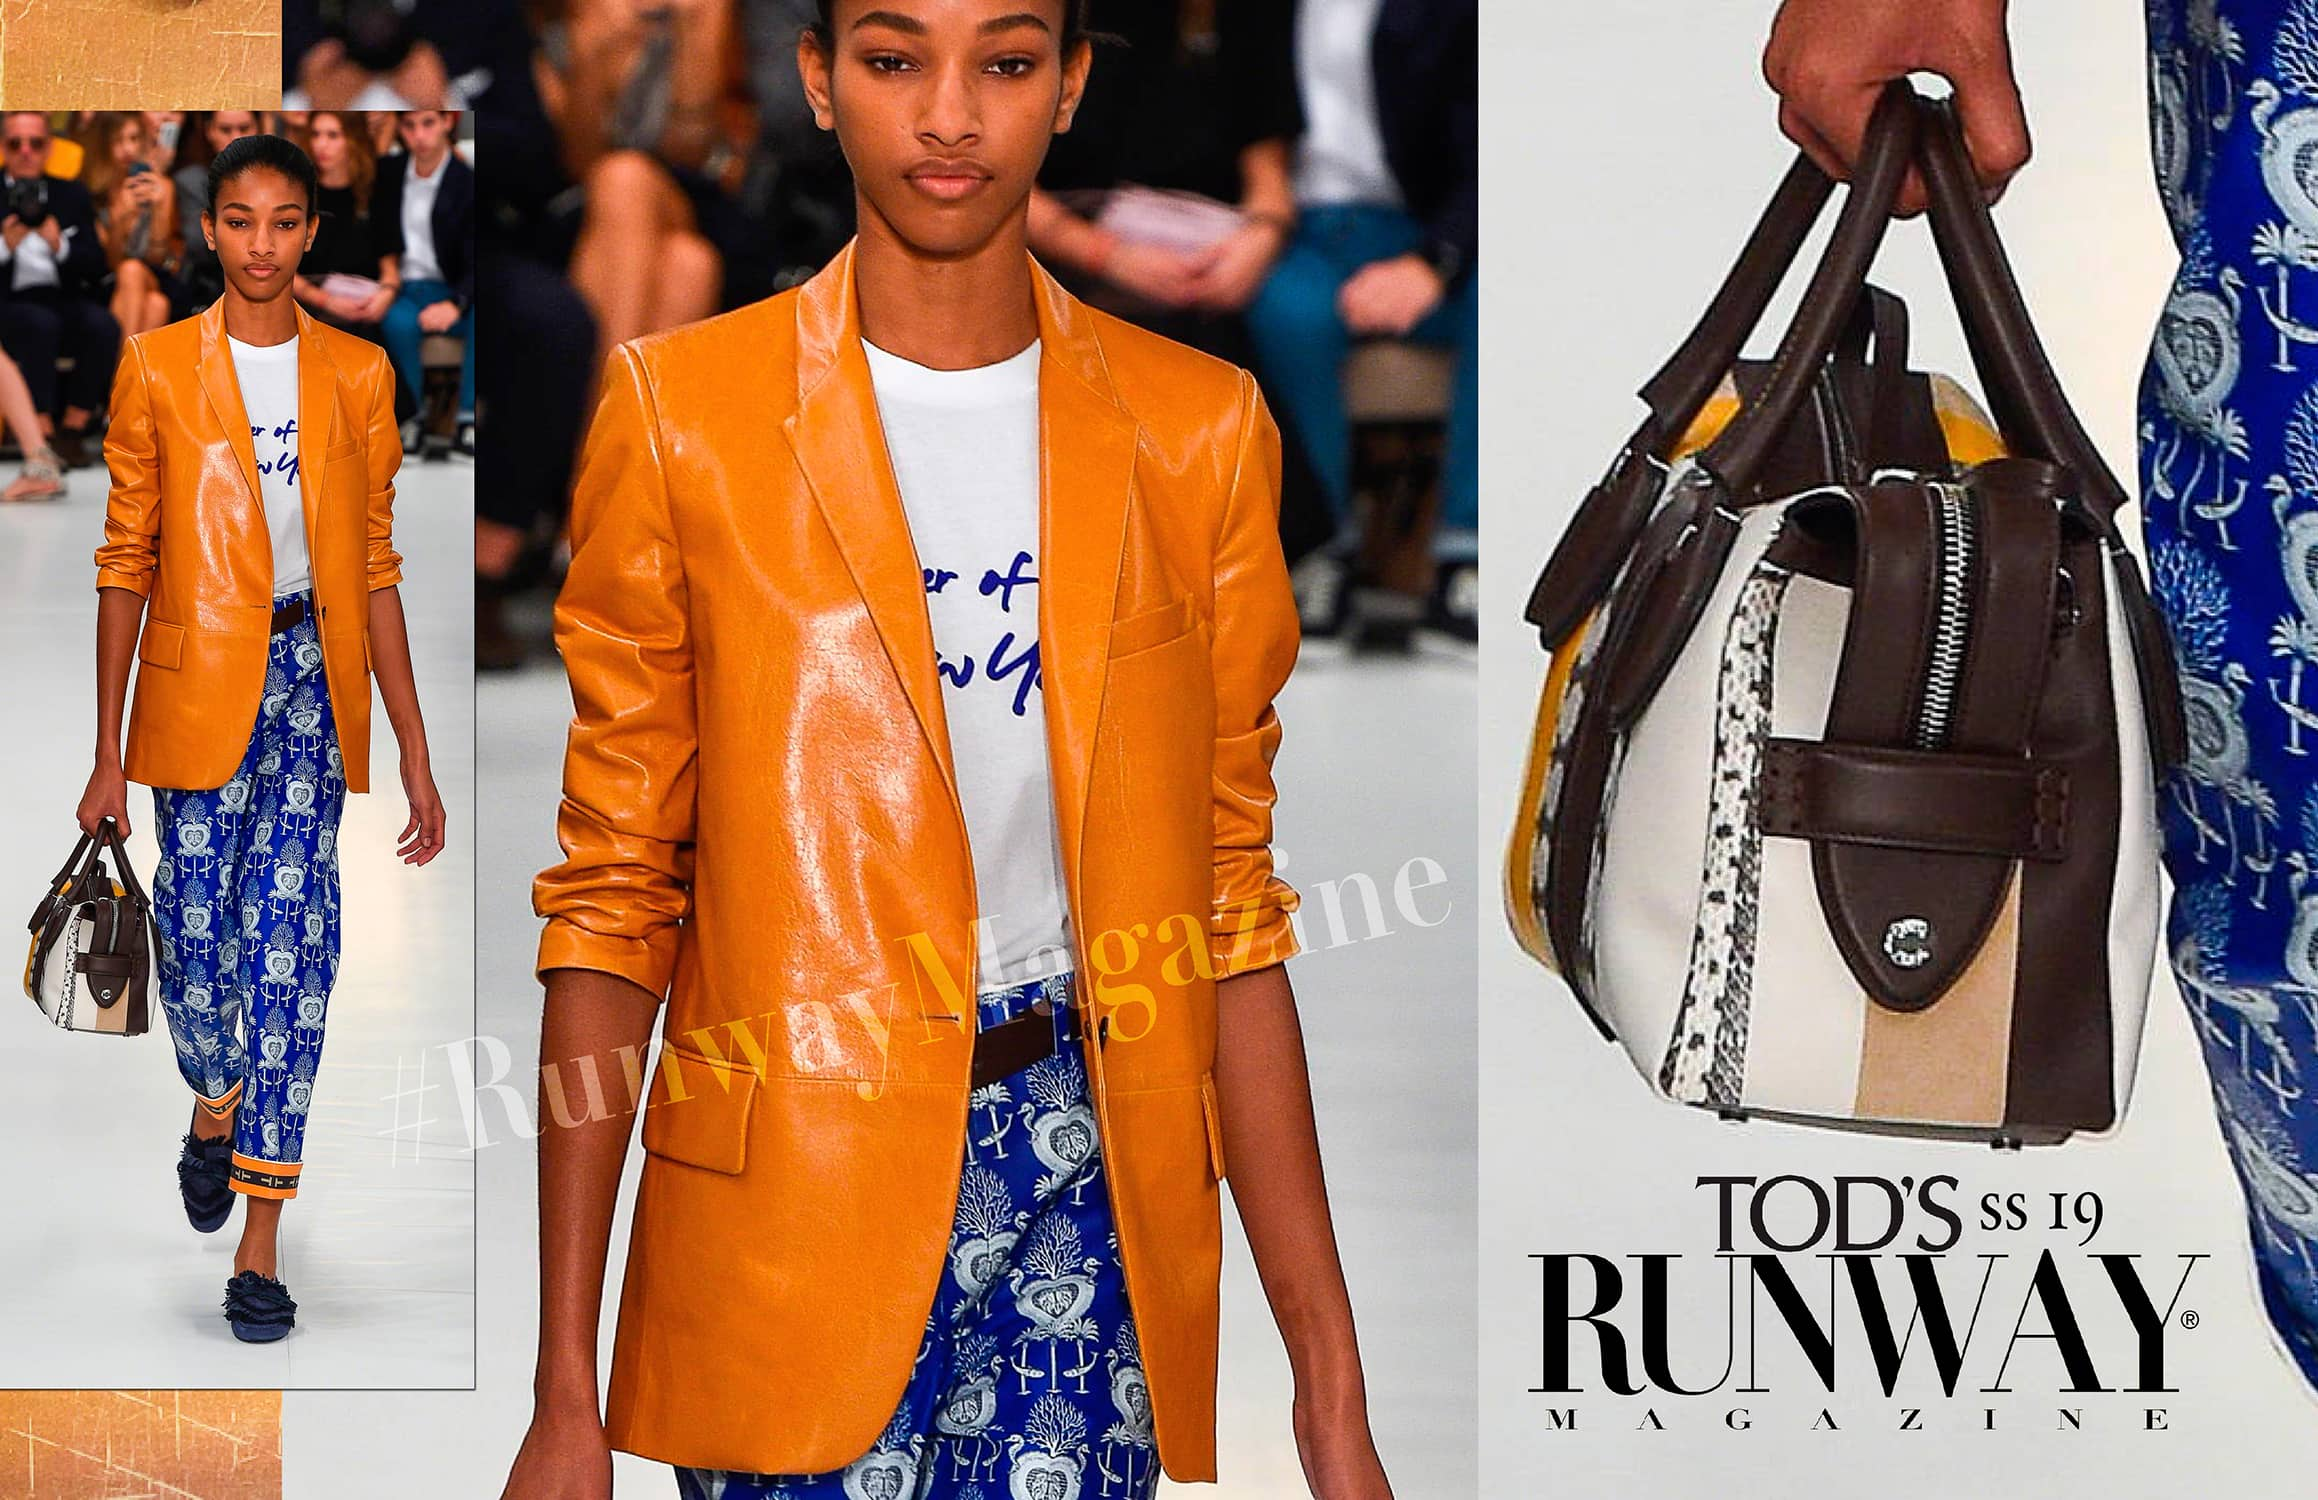 Tod's Spring Summer 2019 Milan Fashion Week by RUNWAY MAGAZINE